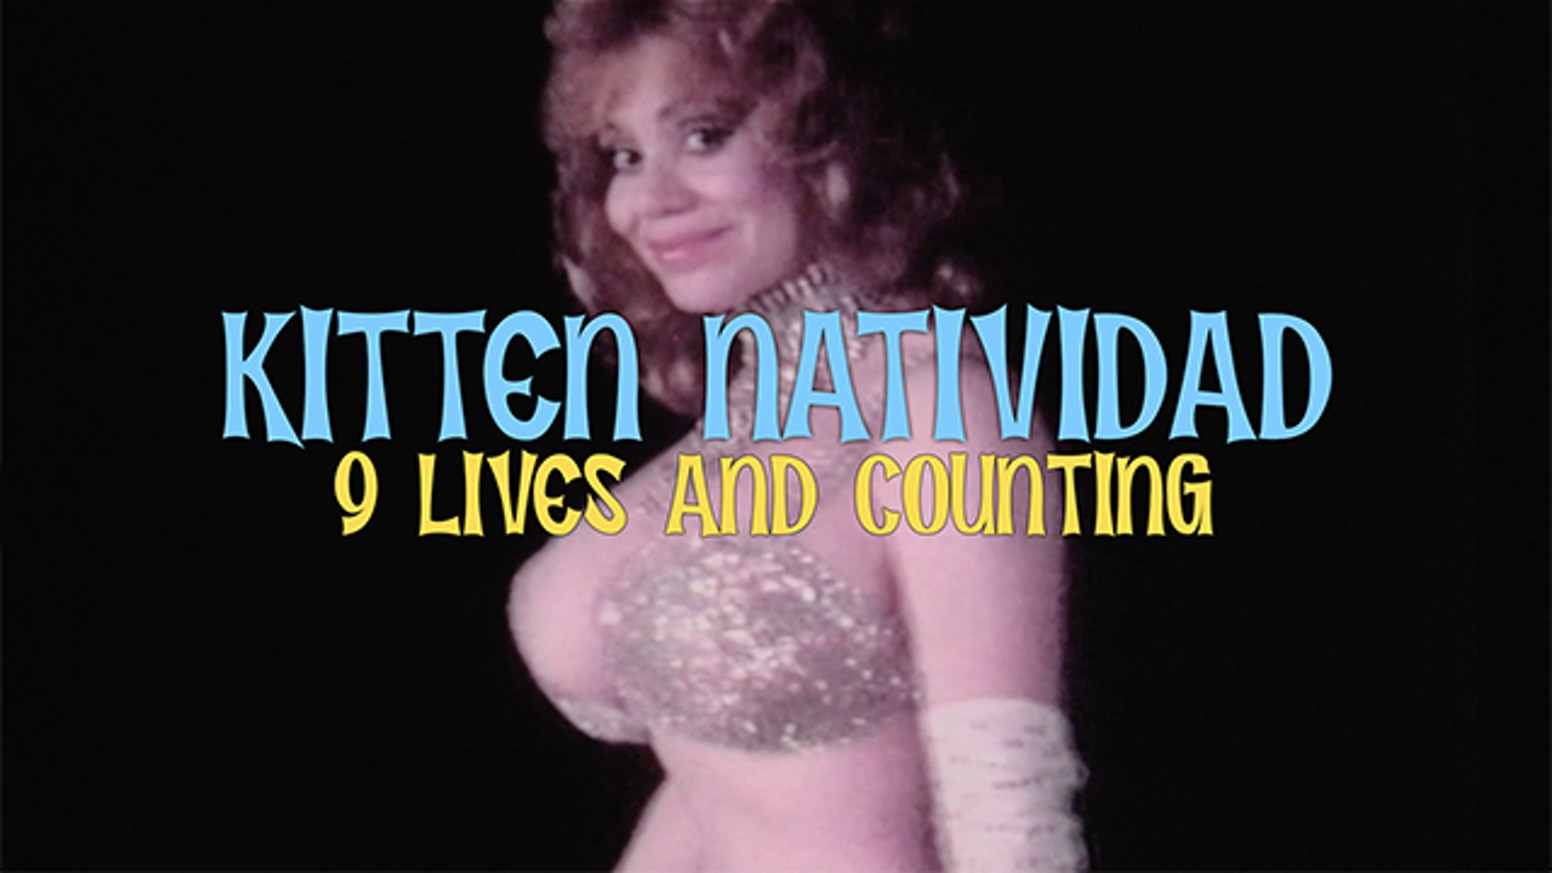 Kitten Natividad: 9 Lives And Counting